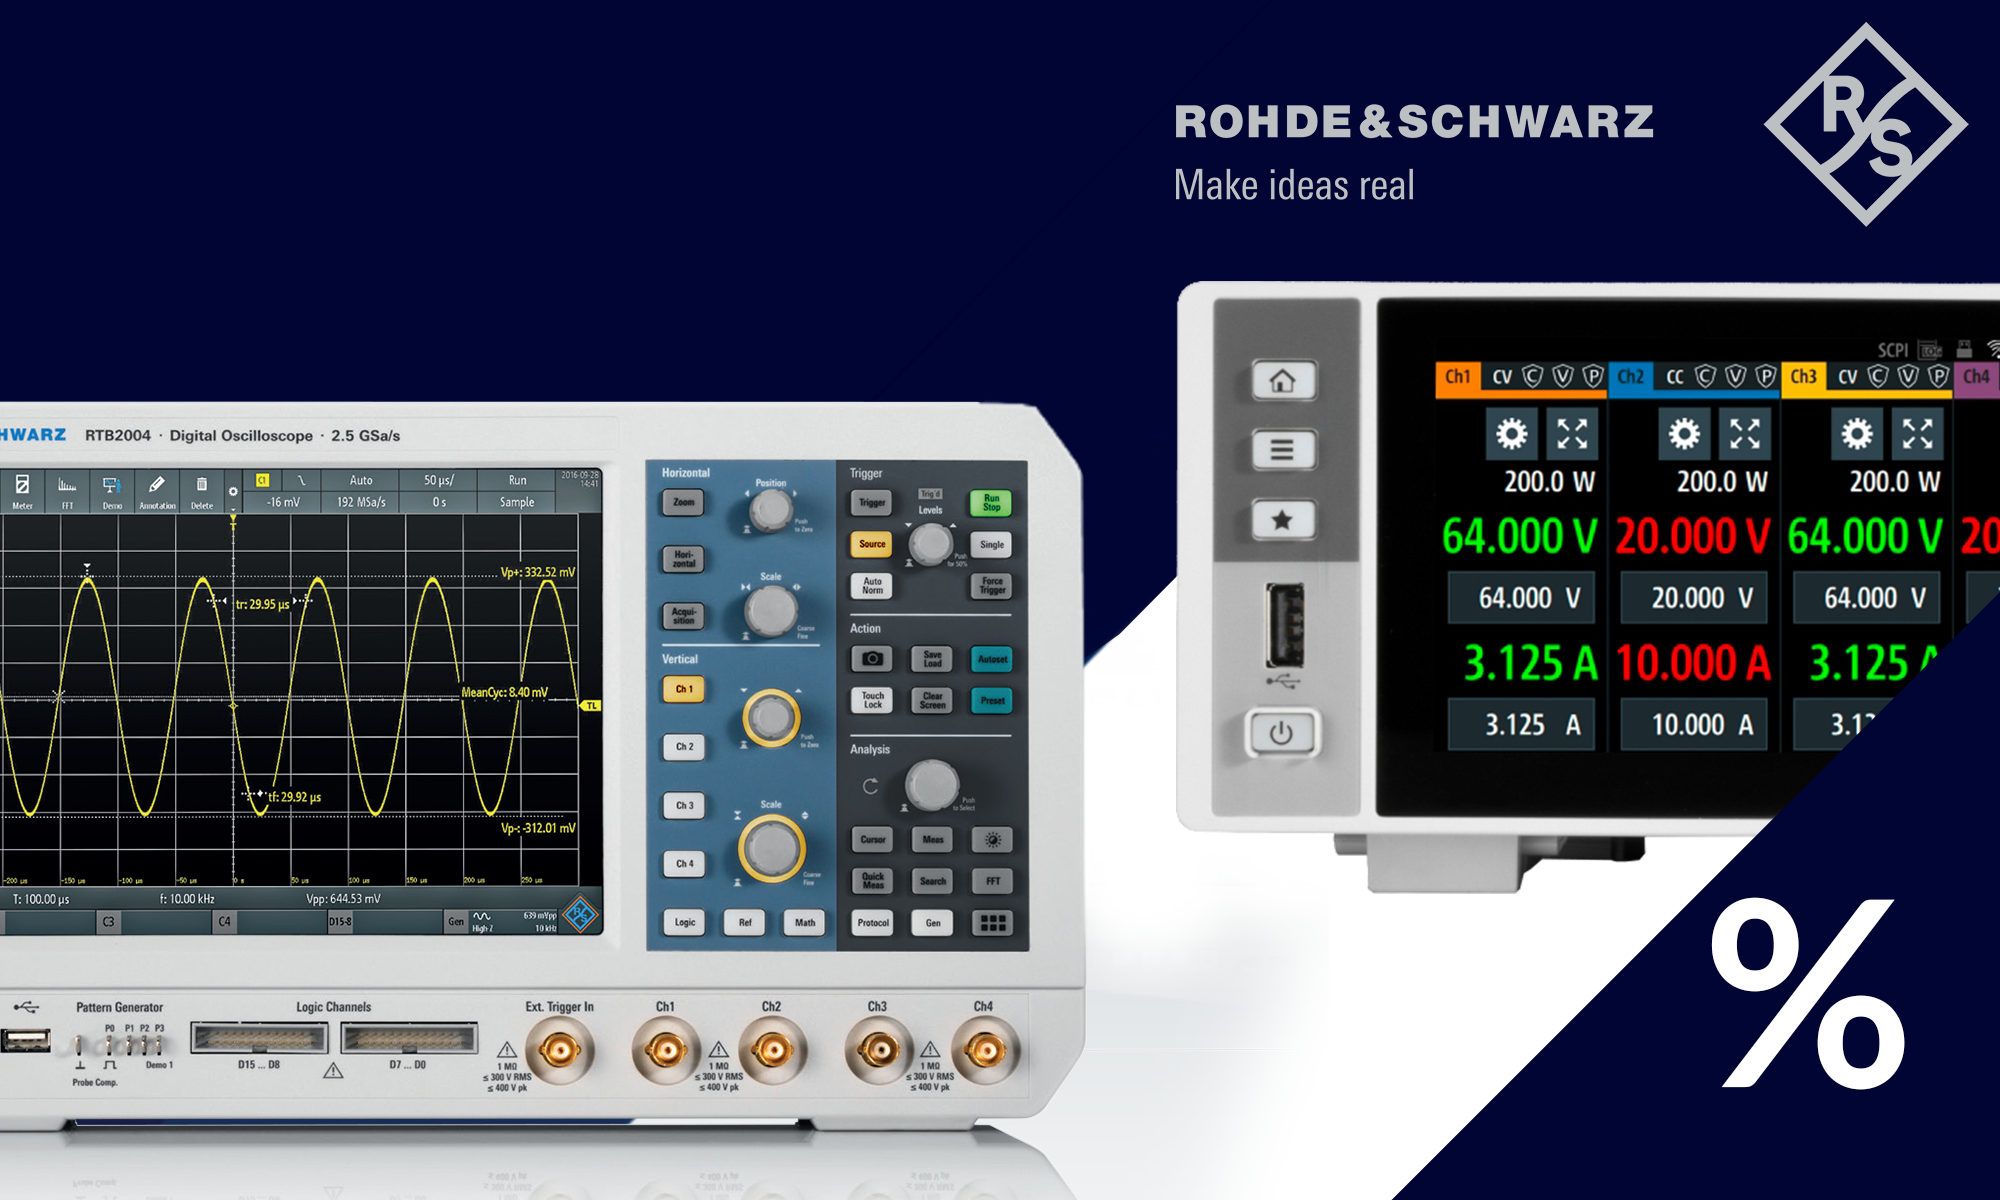 Packs promotionnels Rohde & Schwarz dans l'offre de TME